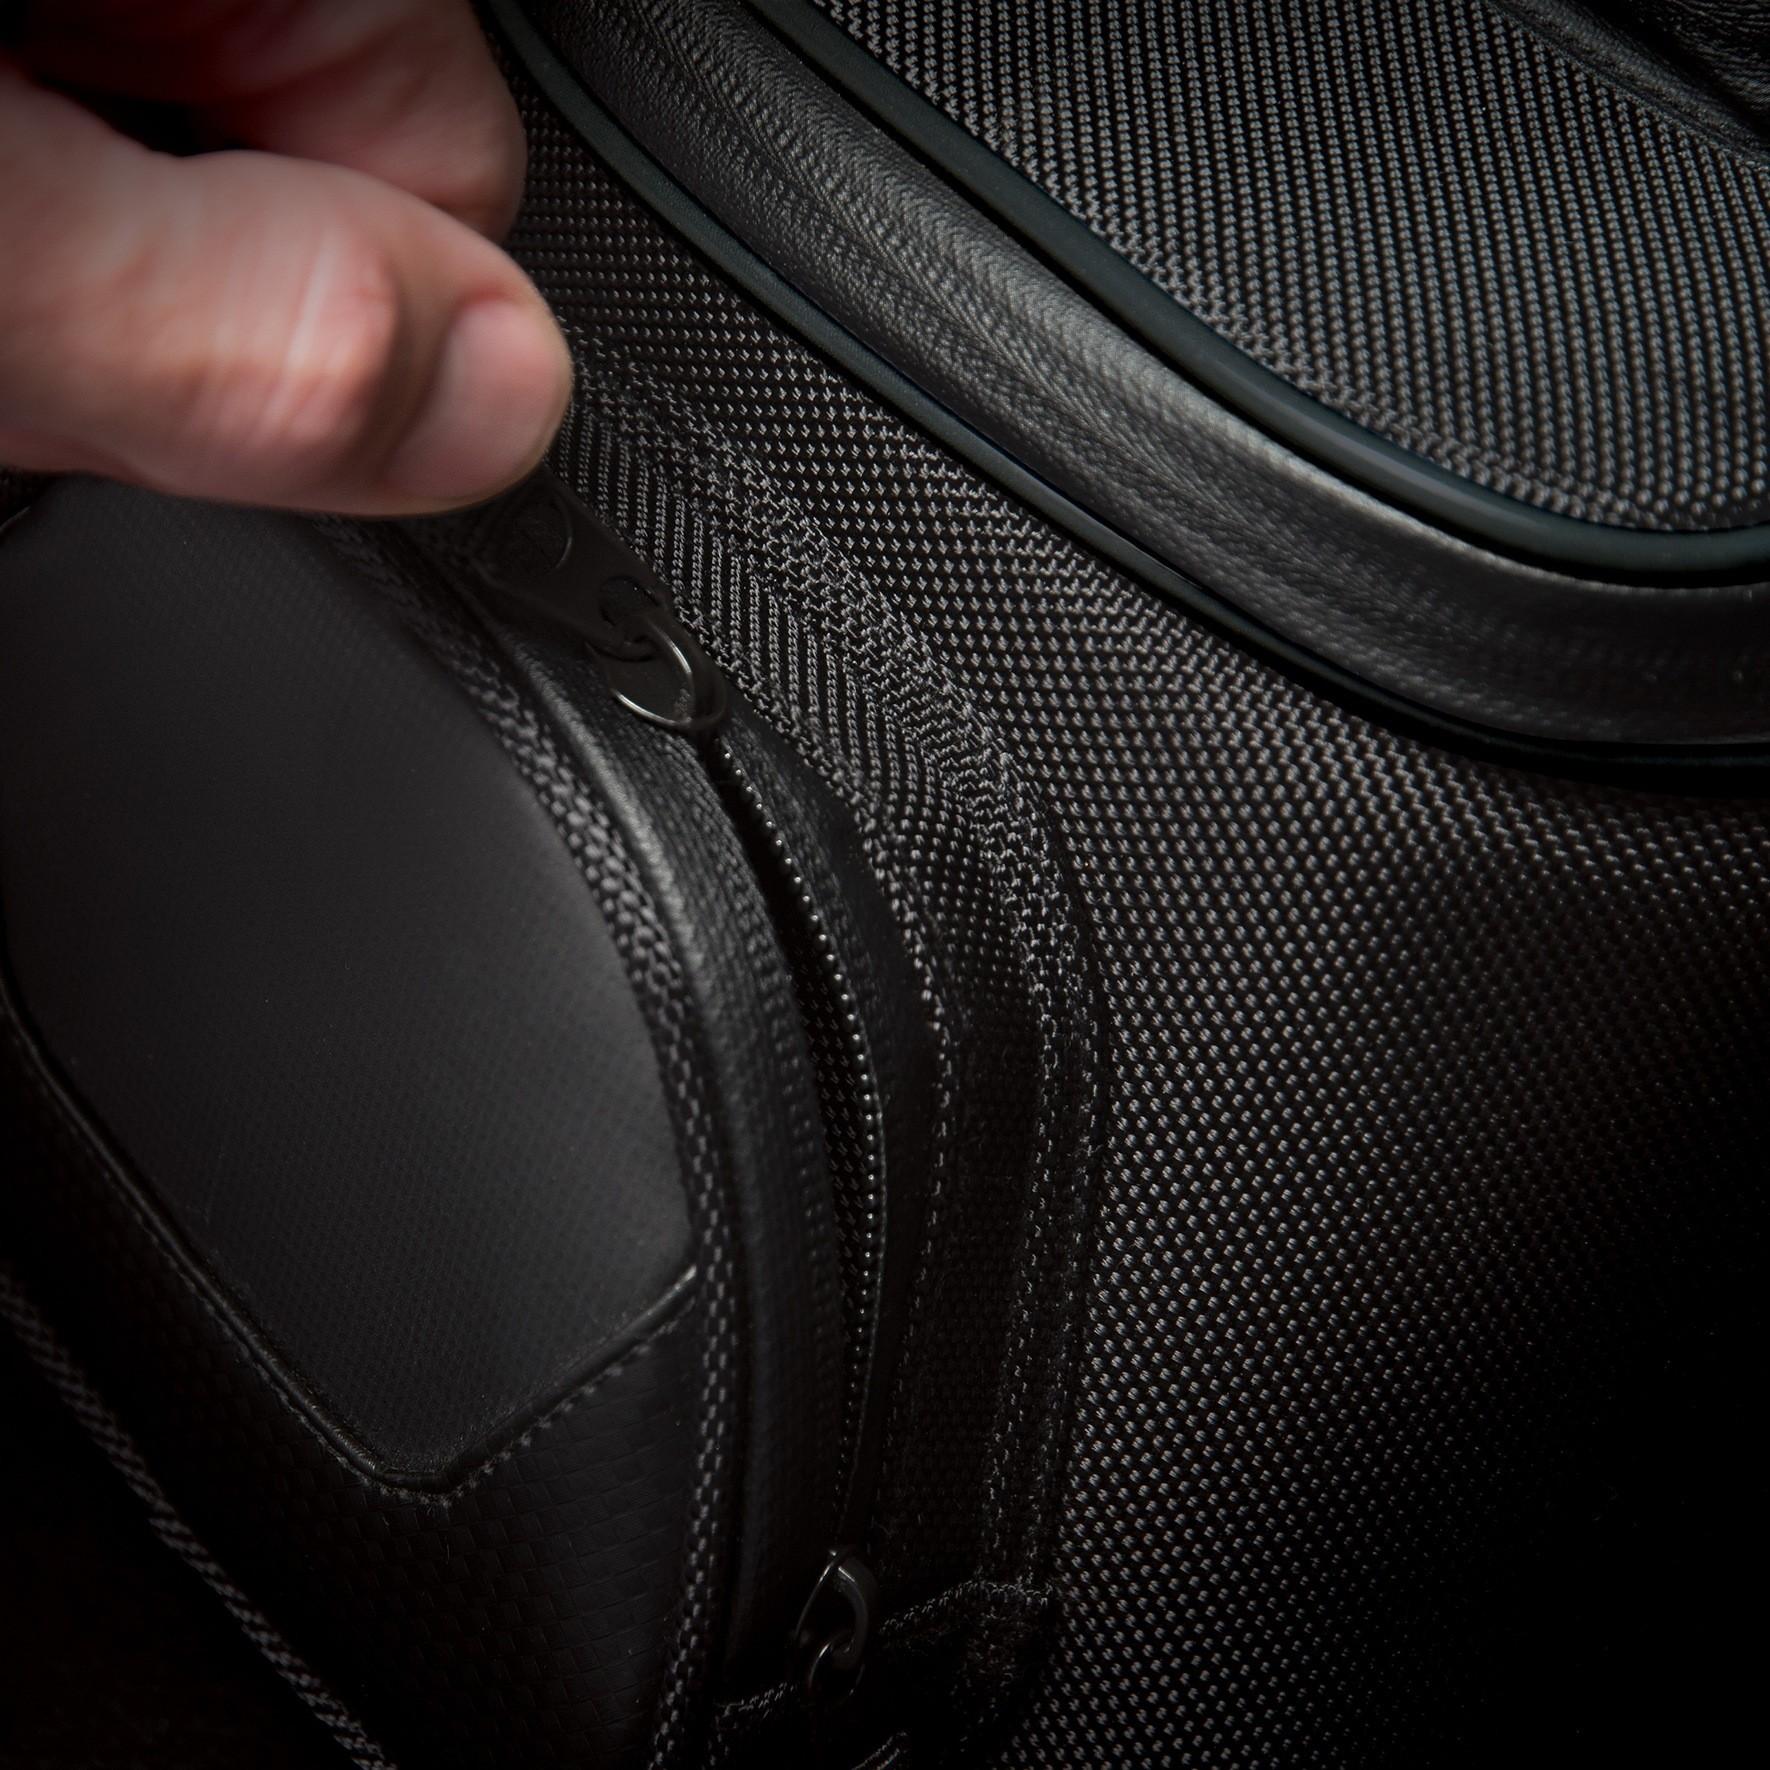 Fastrax Backroads Small Tank Bag Zipper Detail